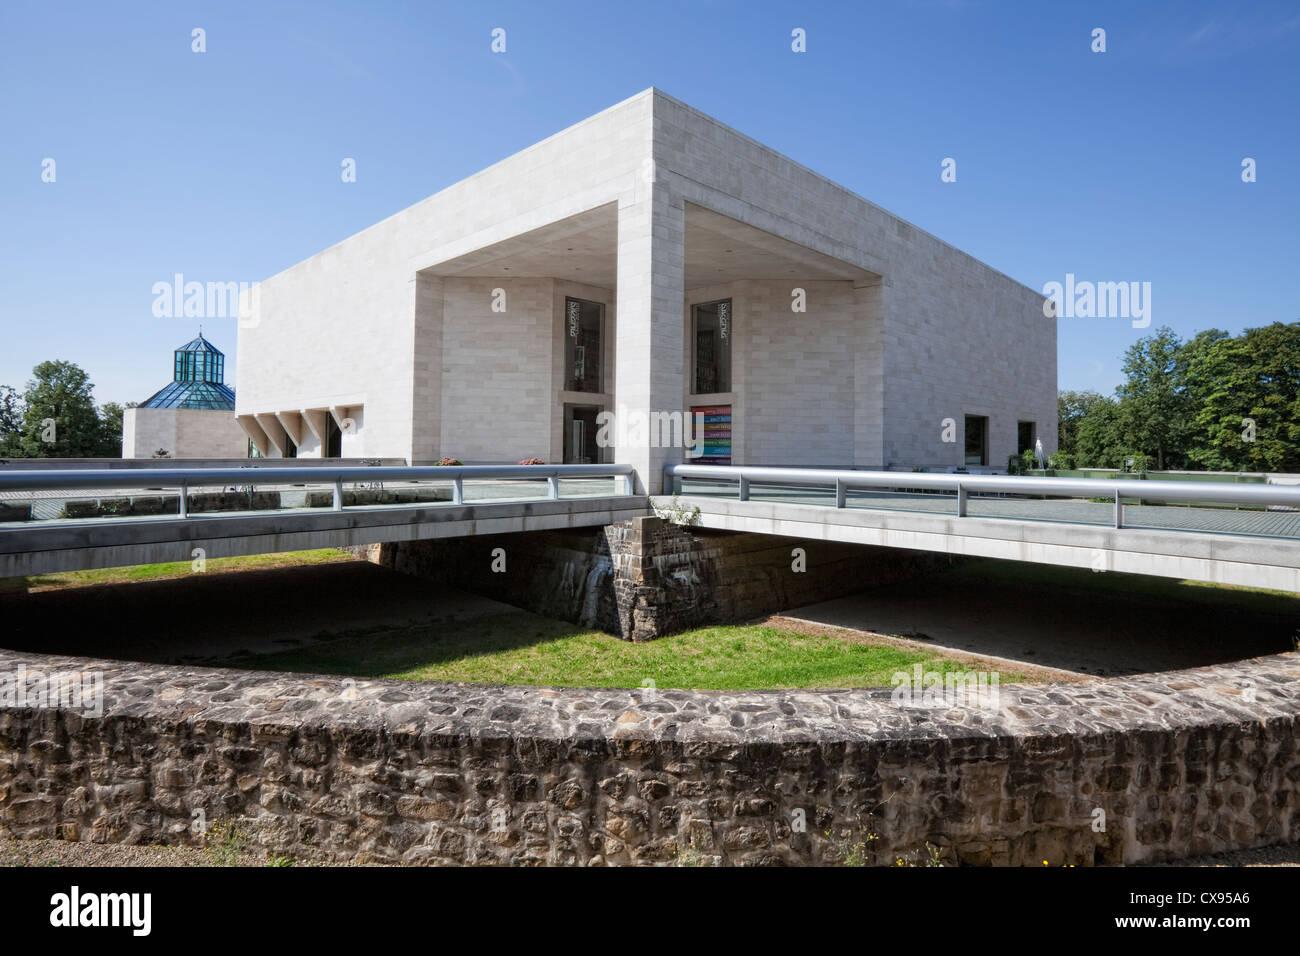 Art Moderne Architectural Facade Stock Photos & Art Moderne ...